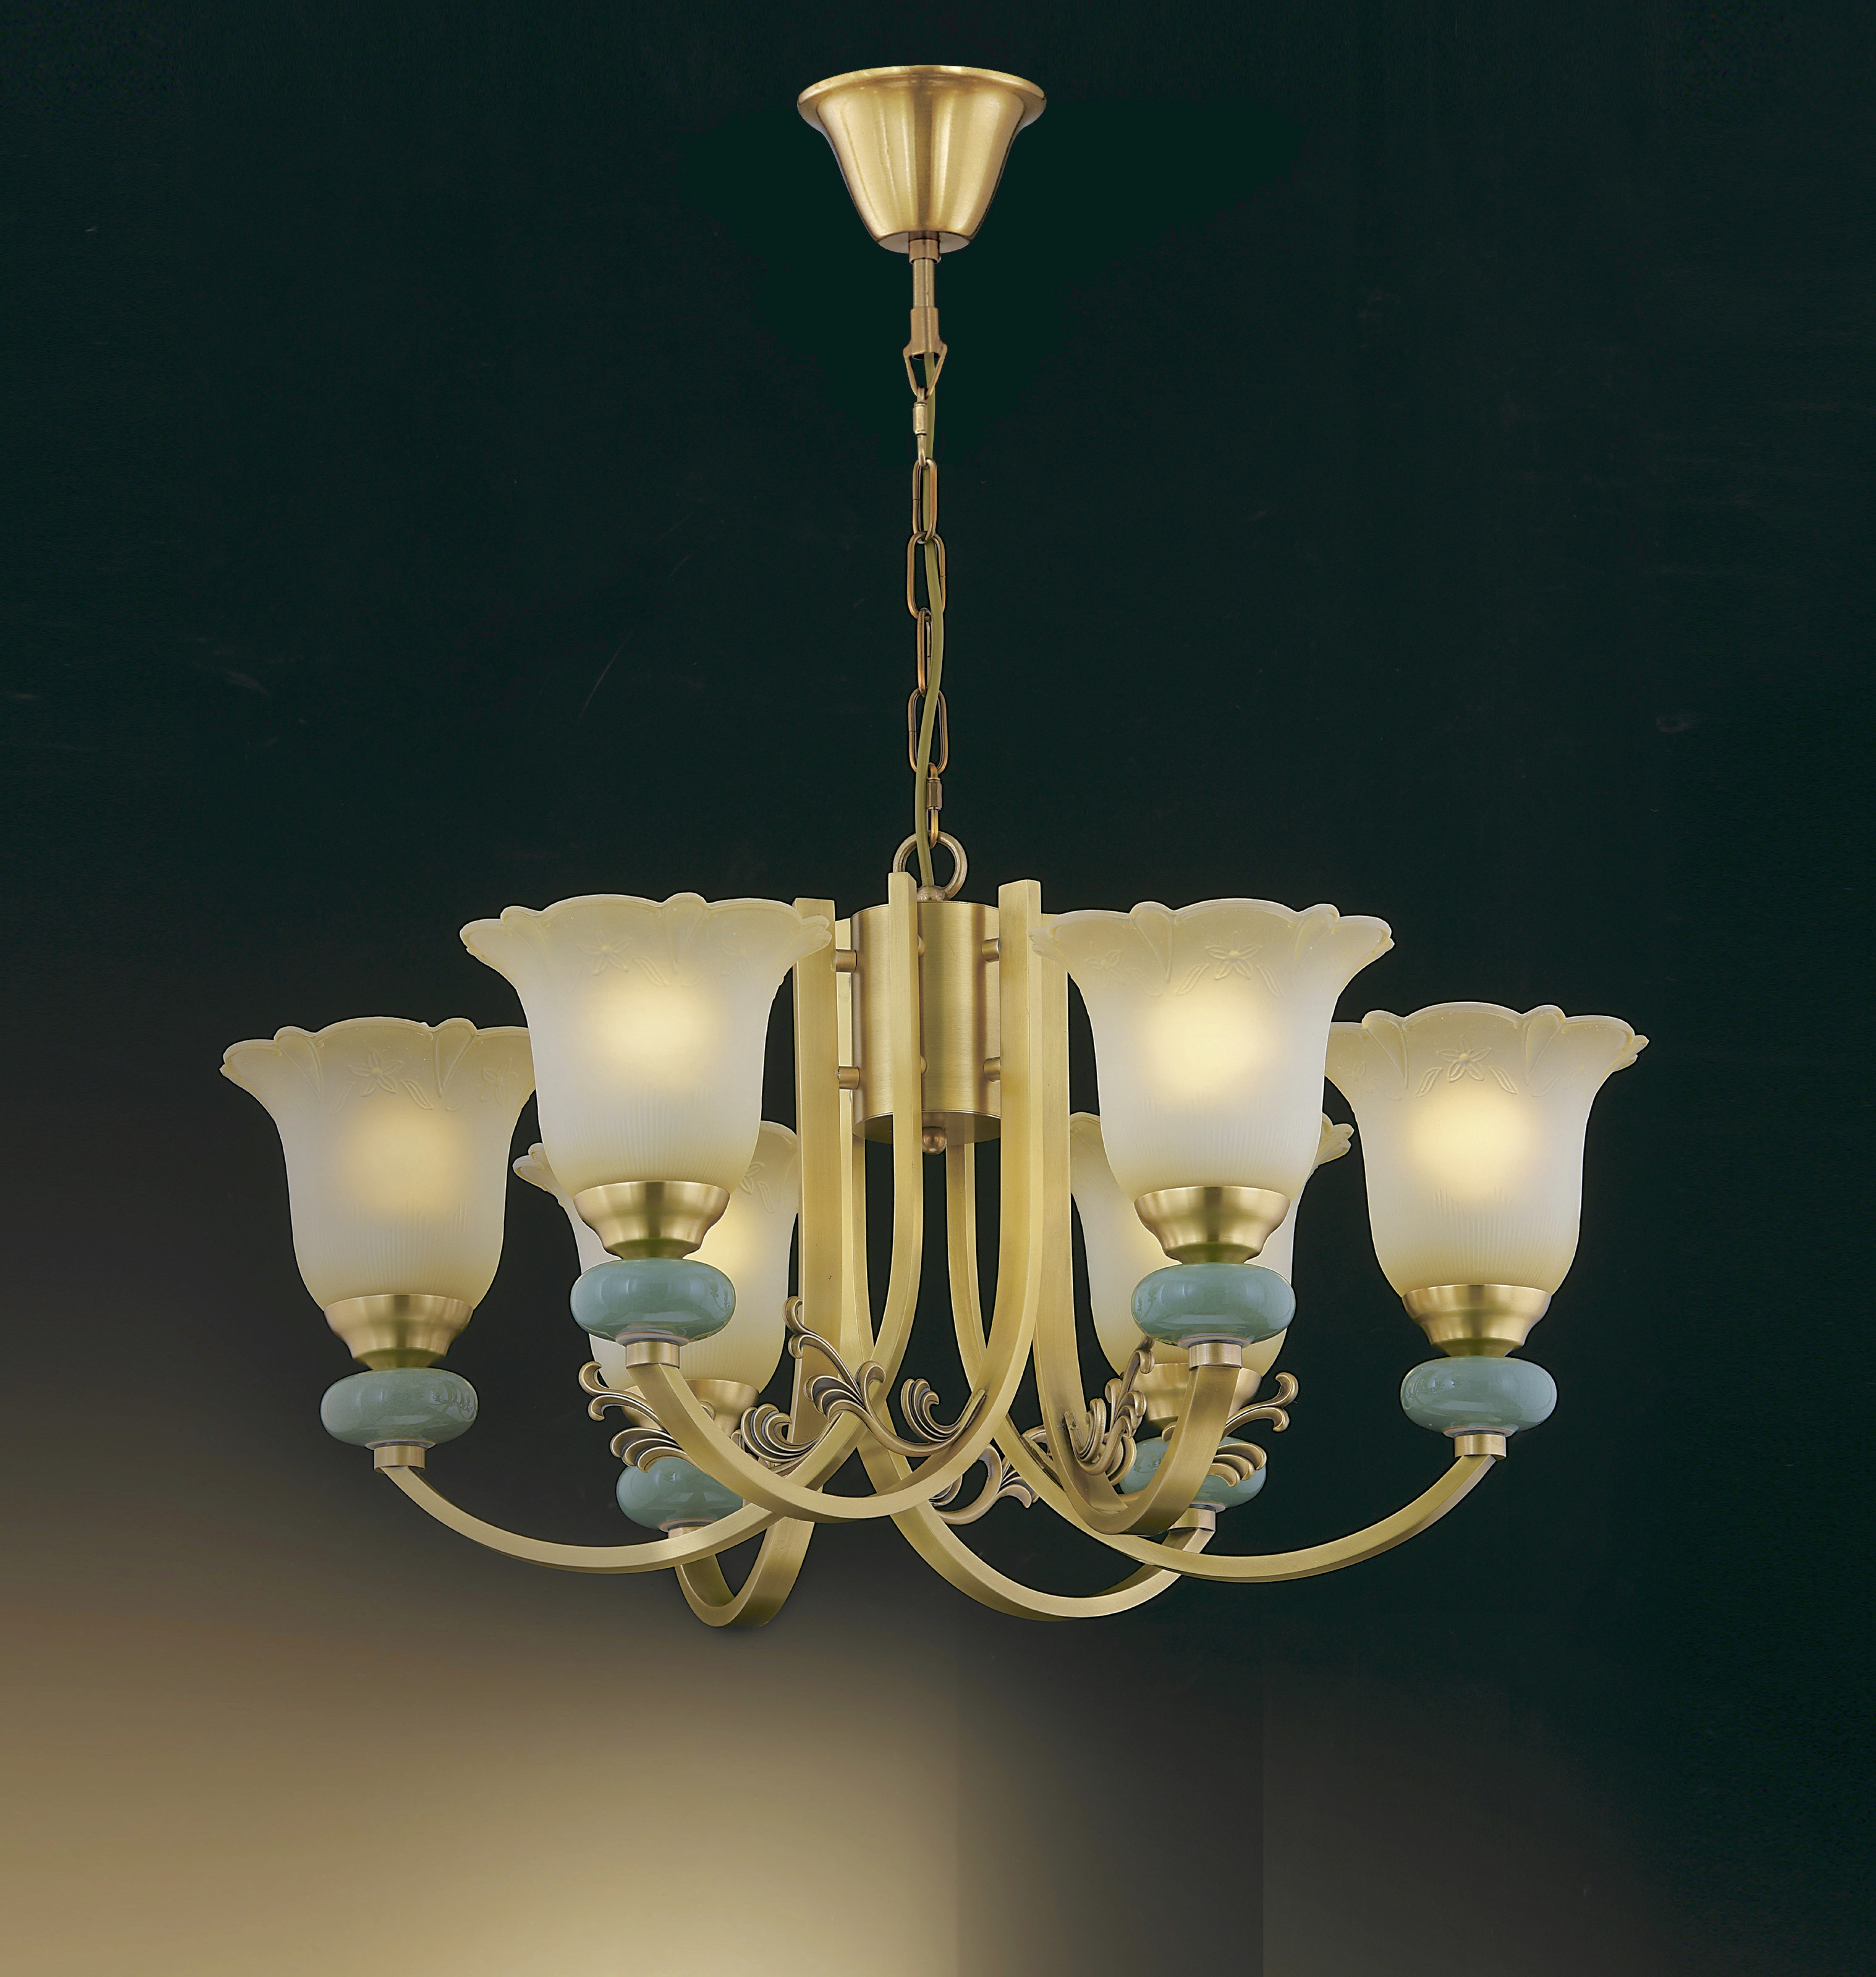 古銅金彎管陶瓷珠6燈玻璃罩吊燈